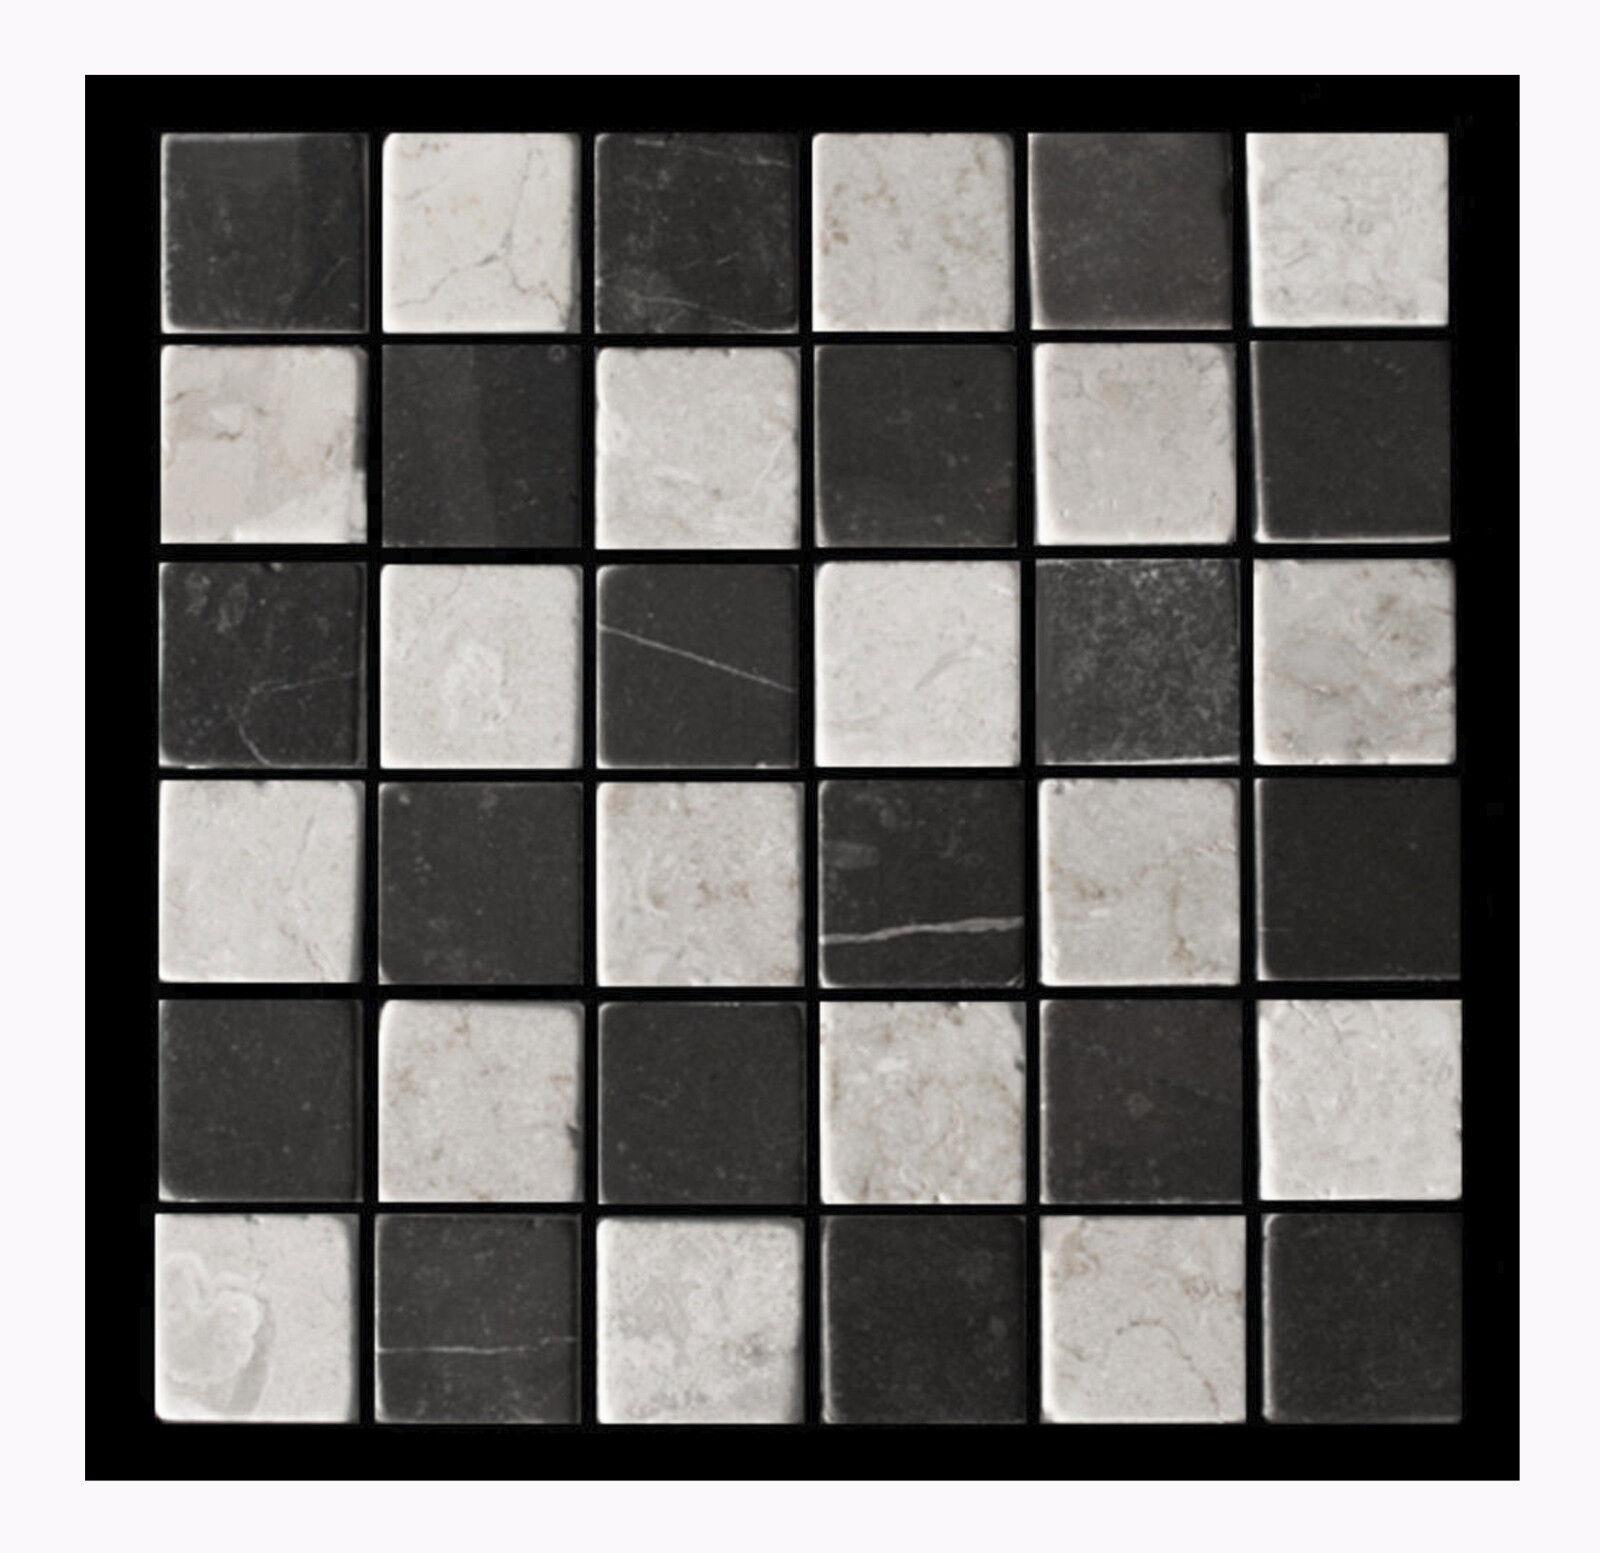 1 qm PA-806 PA-806 PA-806 Marmormosaik als Boden-Design - Fliesen Lager Stein-mosaik Herne NRW bf2d60